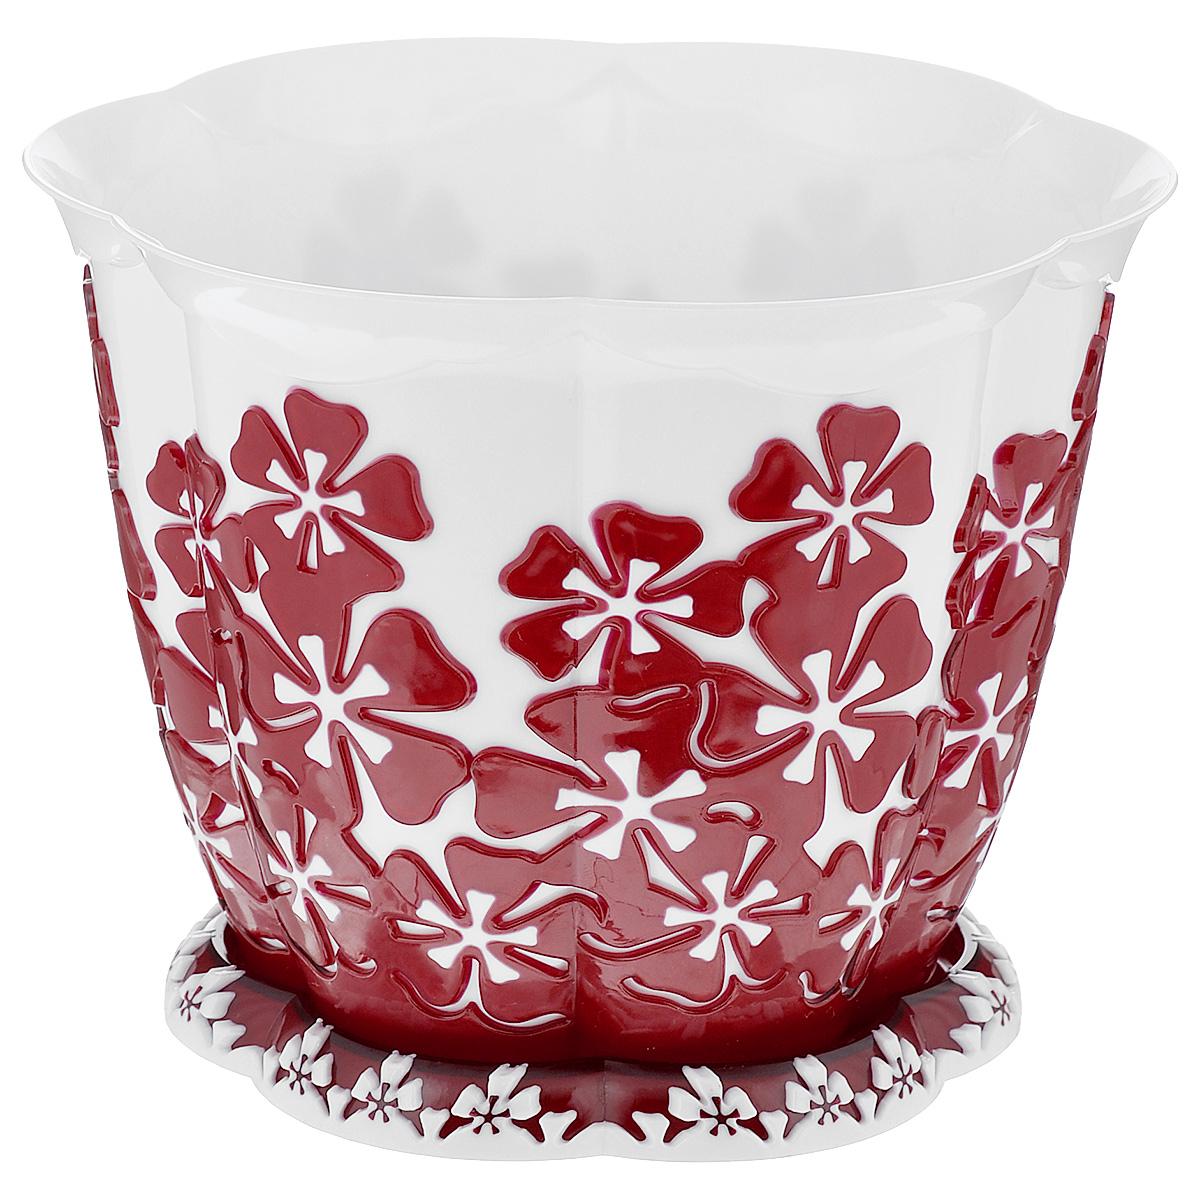 Горшок цветочный Альтернатива Камелия, с поддоном, цвет: белый, красный, 1,5 лМ2206Горшок для цветов Альтернатива Камелия представляет собой пластиковую емкость, декорированную цветочным орнаментом. Изделие оснащено поддоном для стока жидкости. Горшок имеет стильный дизайн, поэтому прекрасно впишется в любой интерьер. Диаметр по верхнему краю: 16 см. Высота: 12,5 см. Объем горшка: 1,5 л.